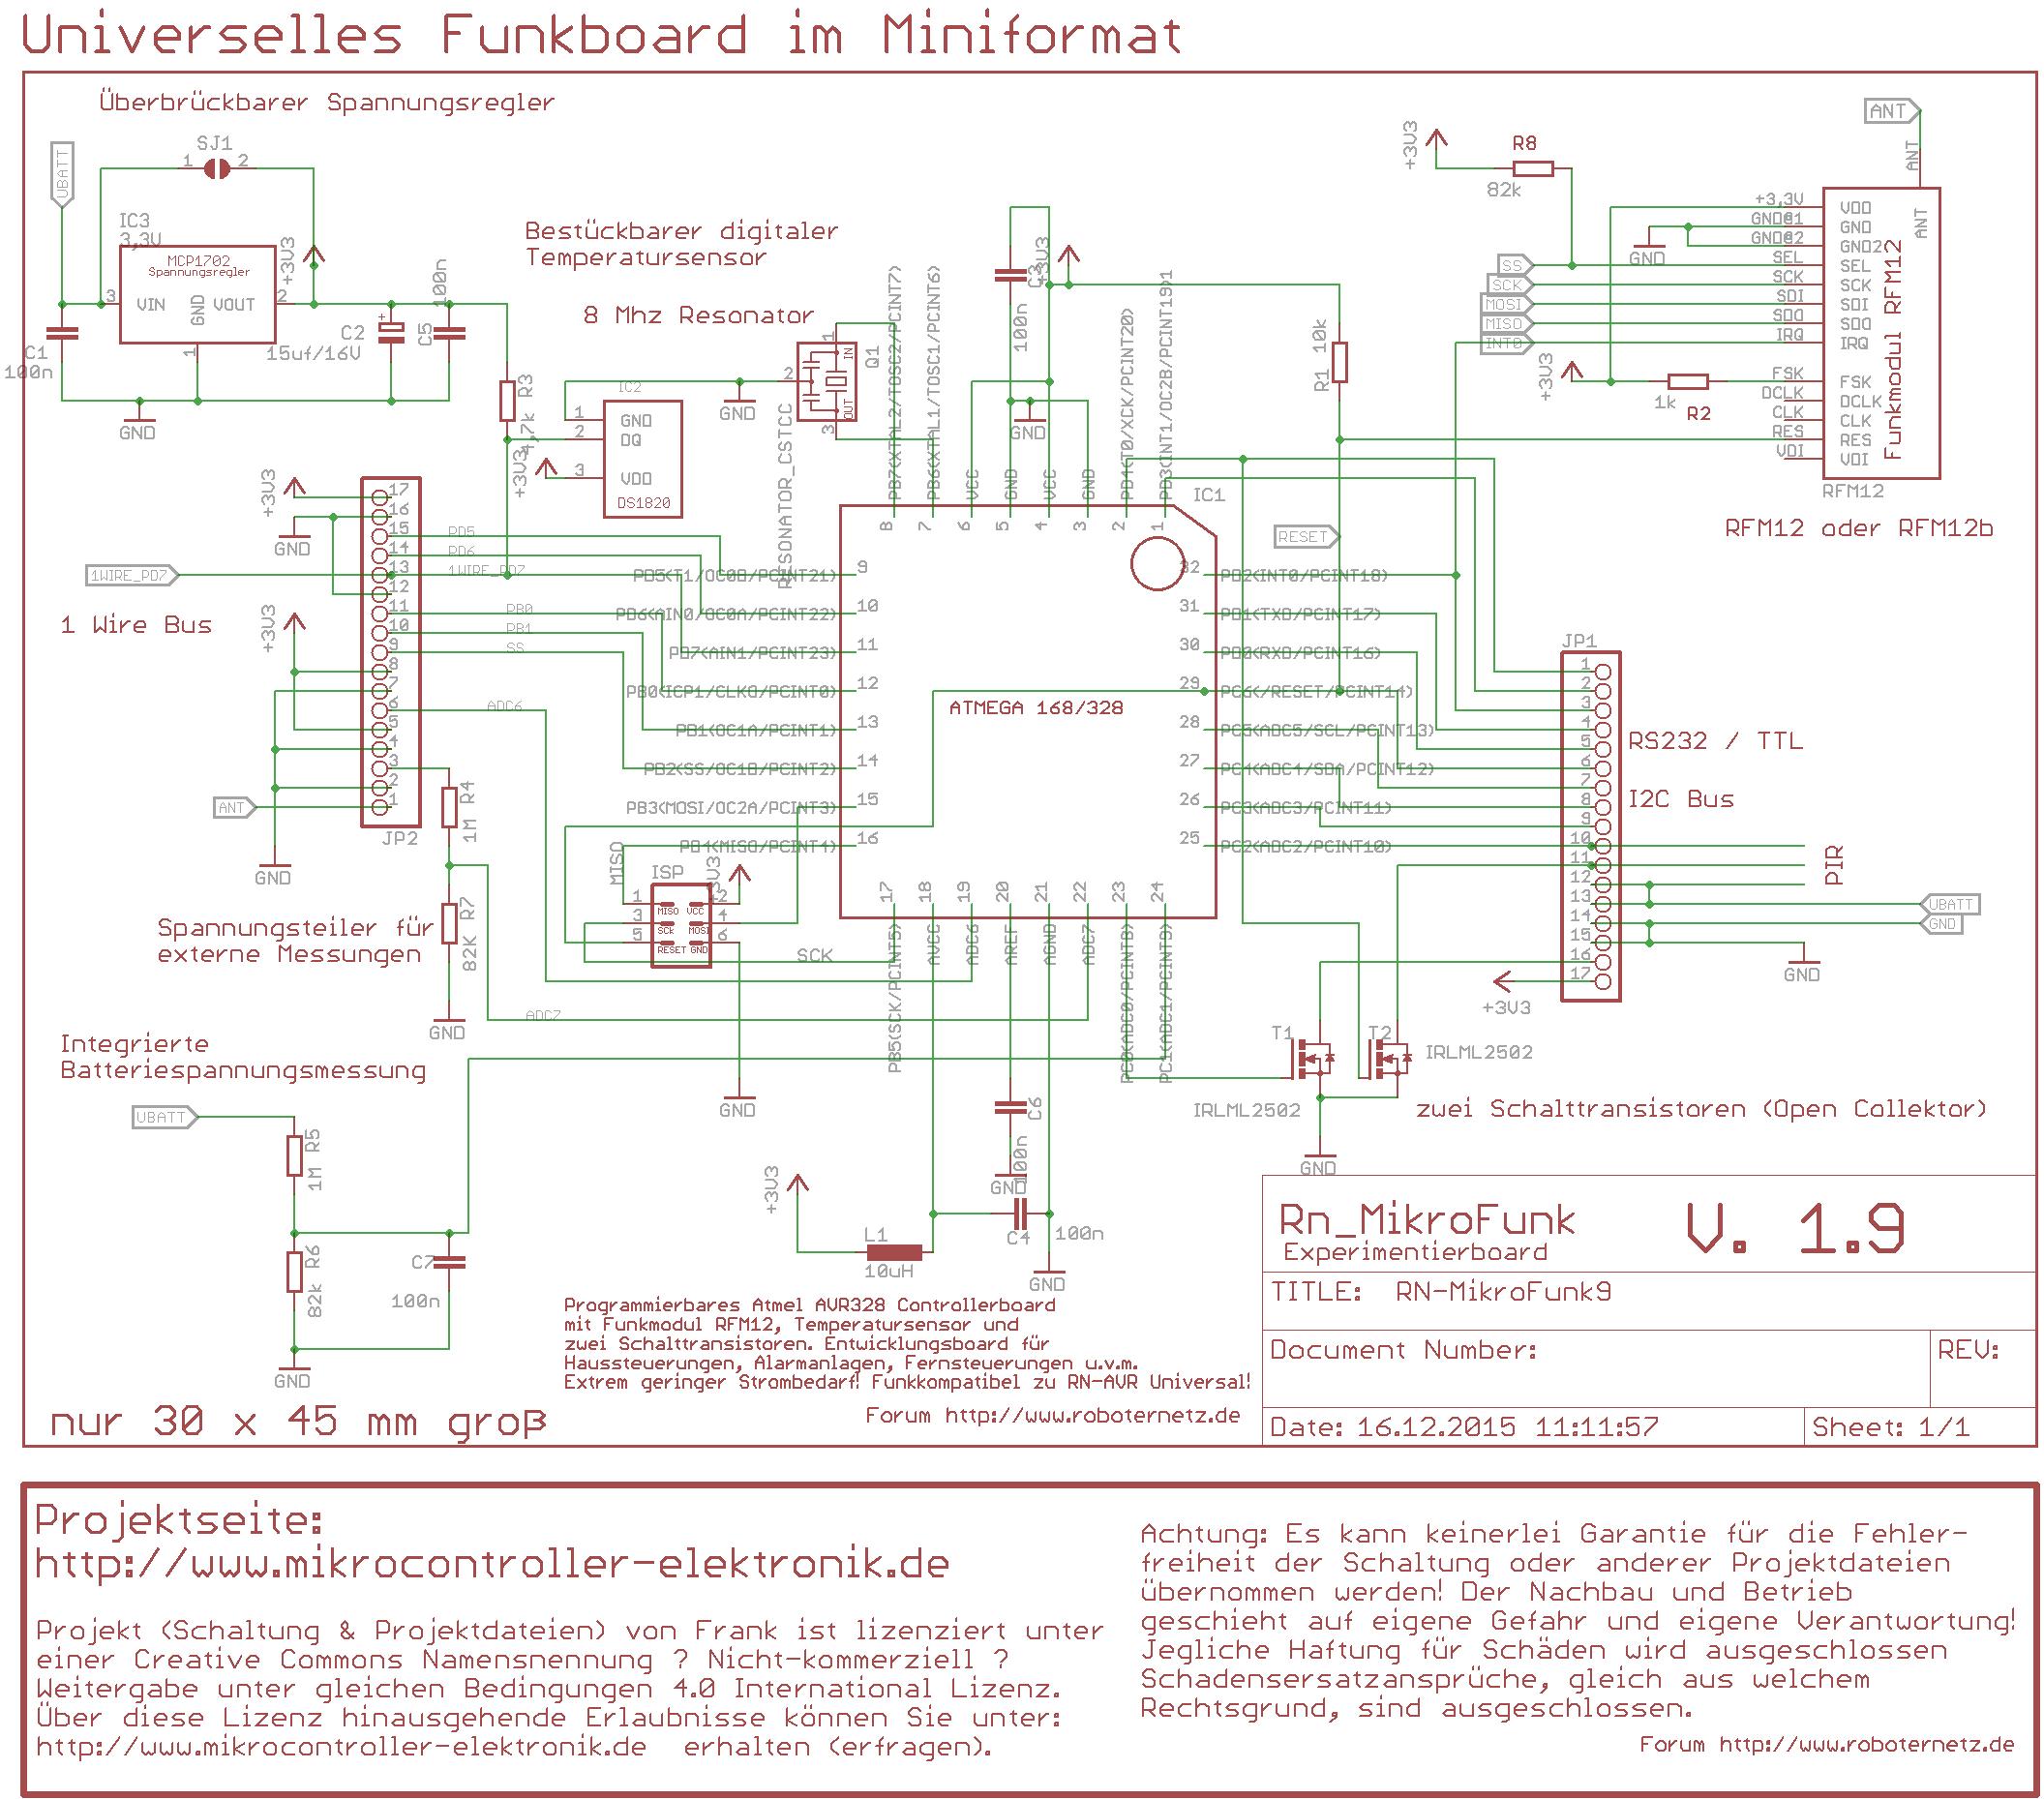 RN-MikroFunk - Mikrocontroller Projekt mit Funkmodul